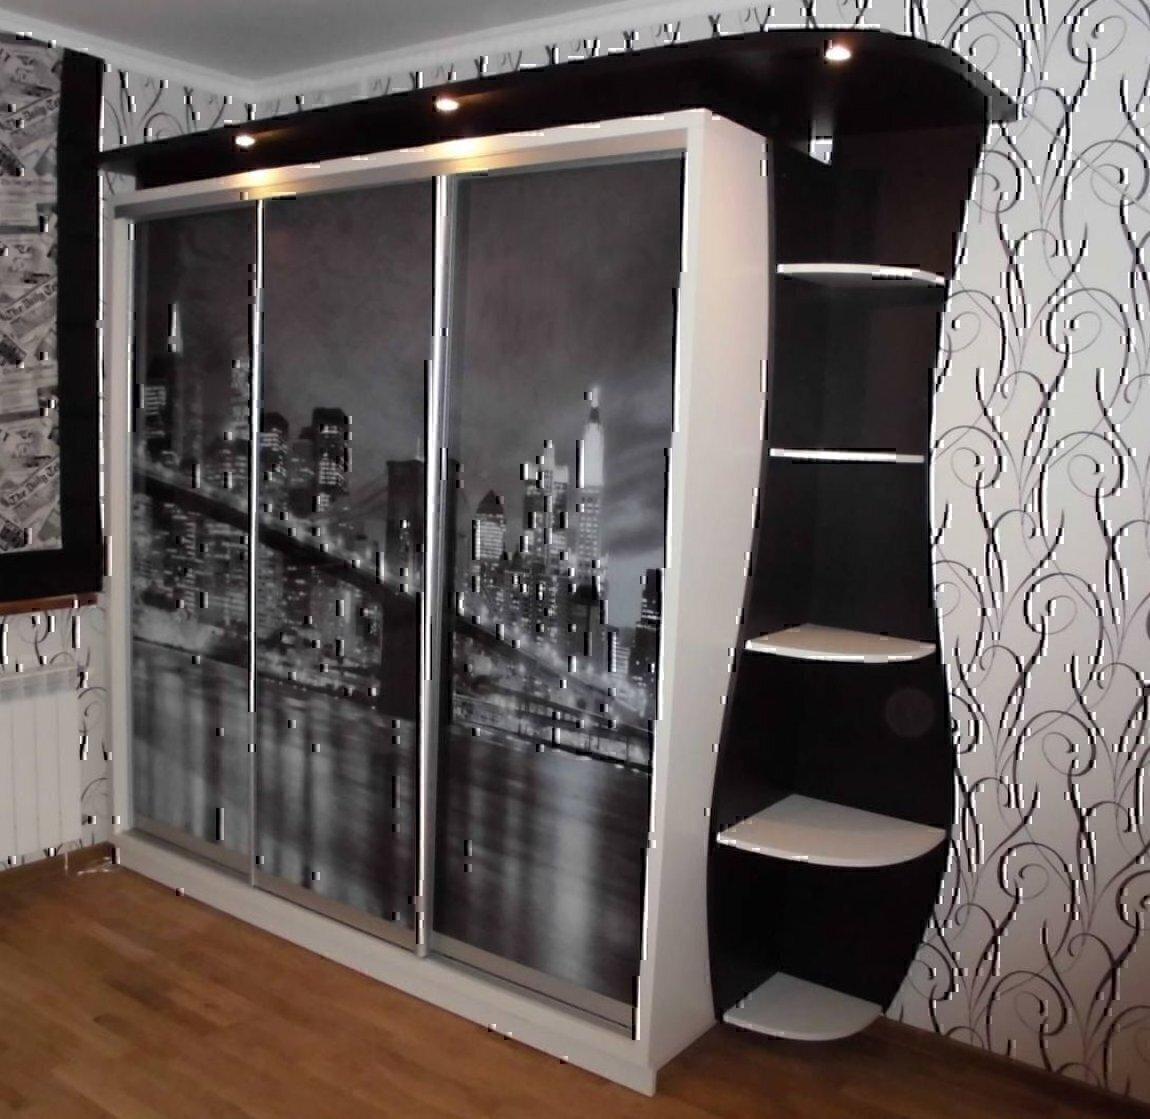 Шкафы и шкафы-купе - category: шкафы - image: 0206.